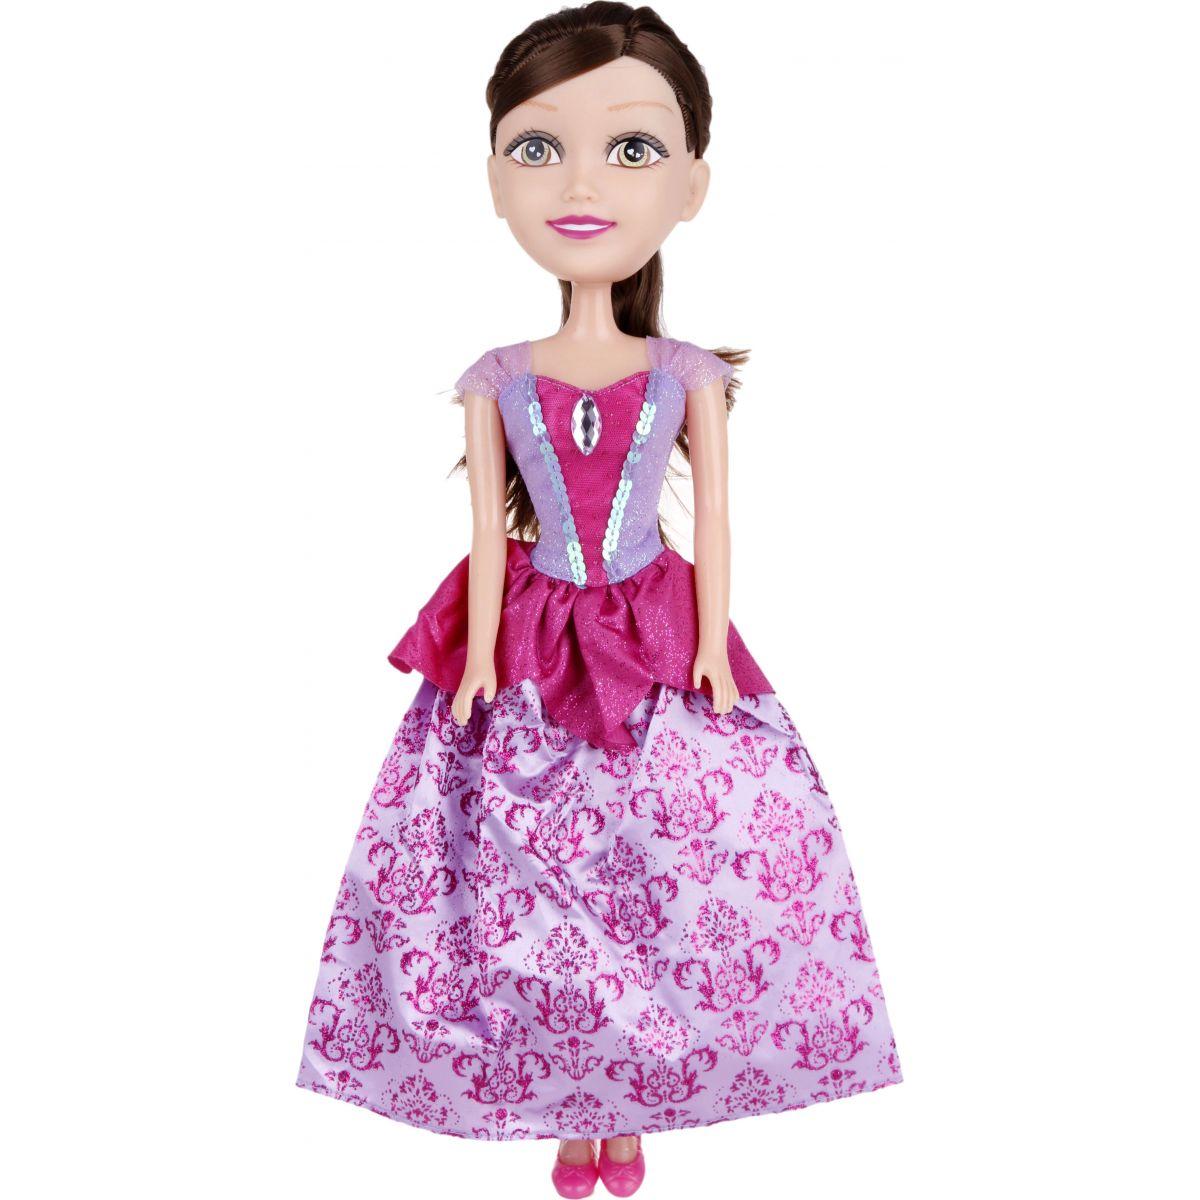 Alltoys Princezná 50 cm Sparkle Girlz Fialovo ružové šaty